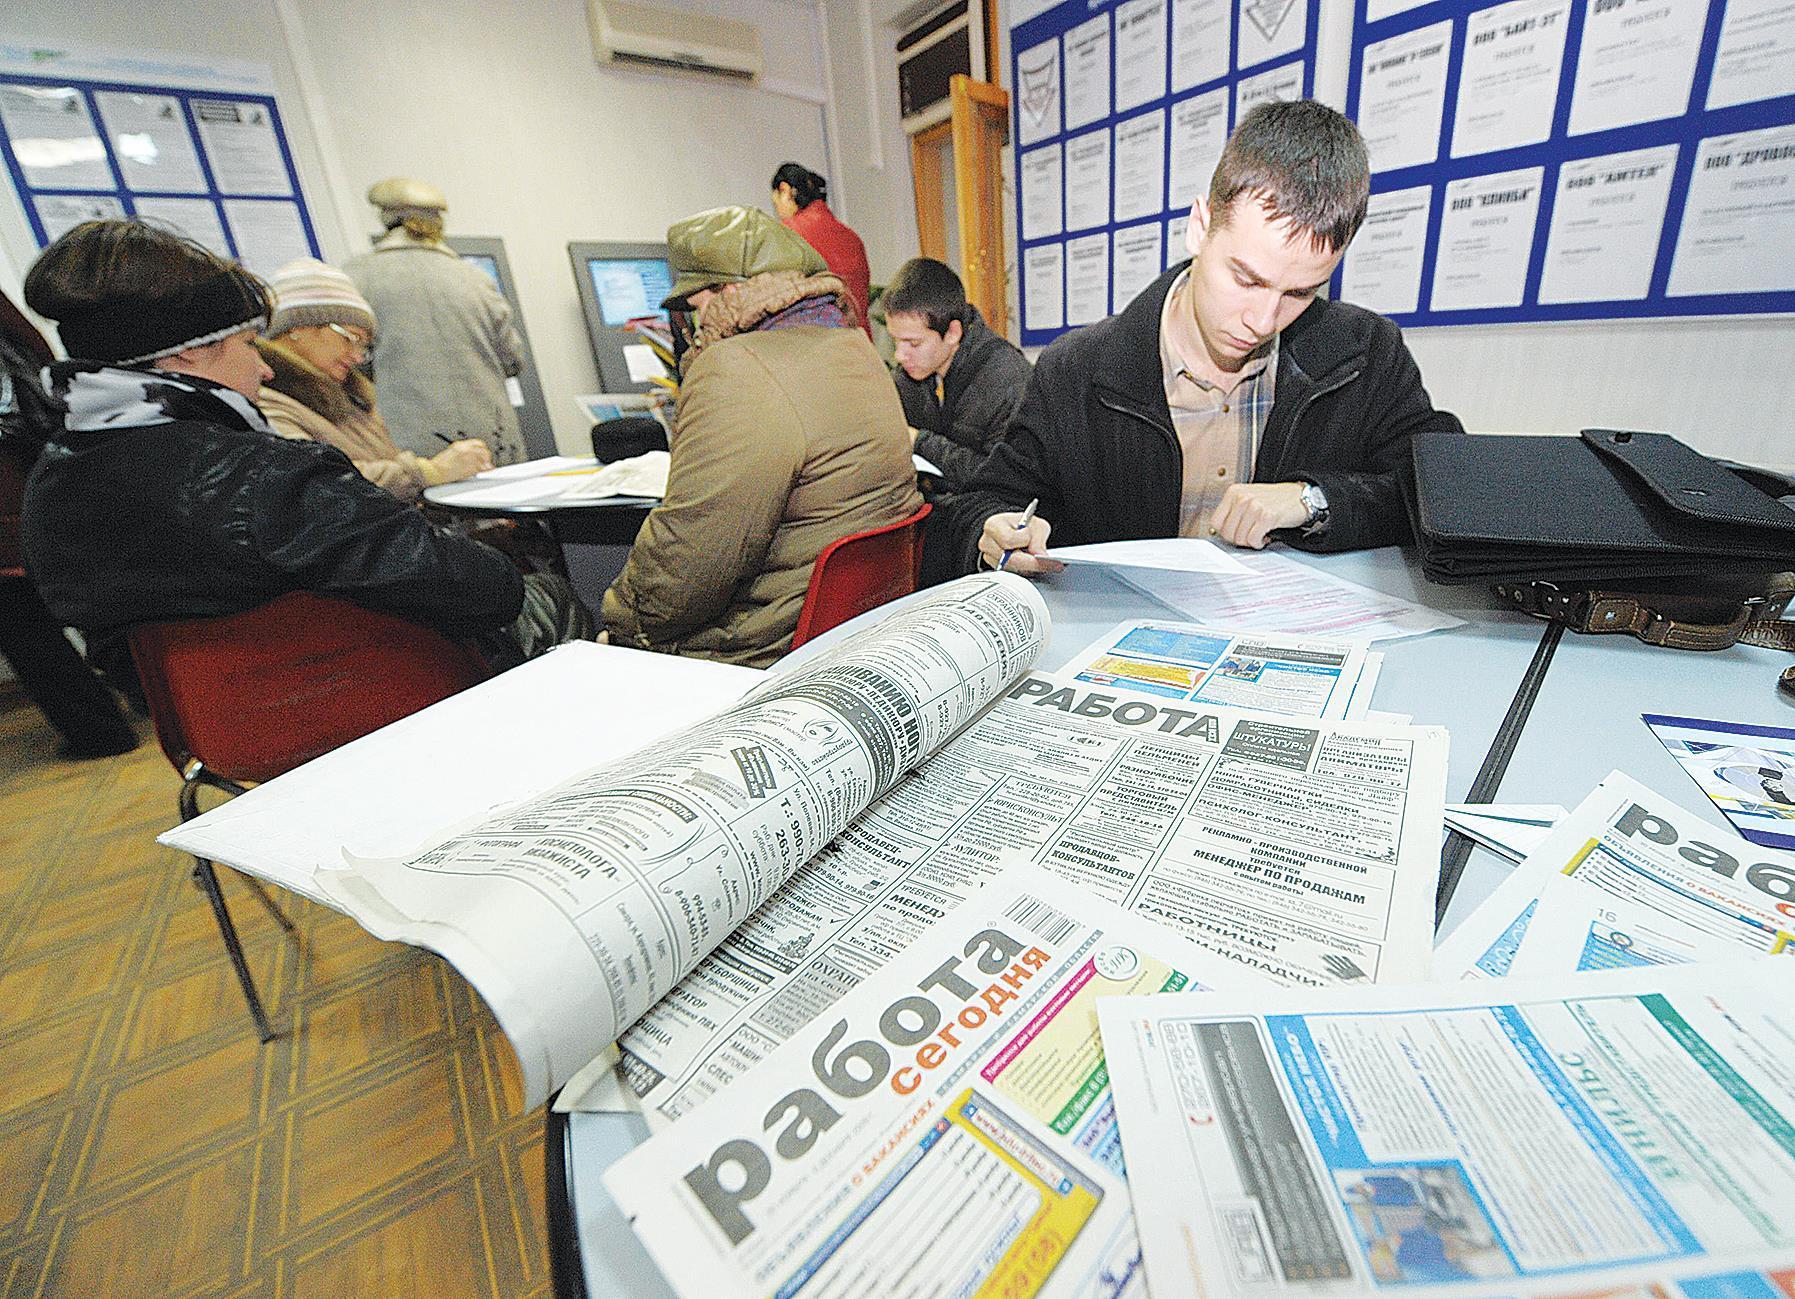 Кабмин выделил на пособия по безработице 35,6 млрд руб. из резервного фонда